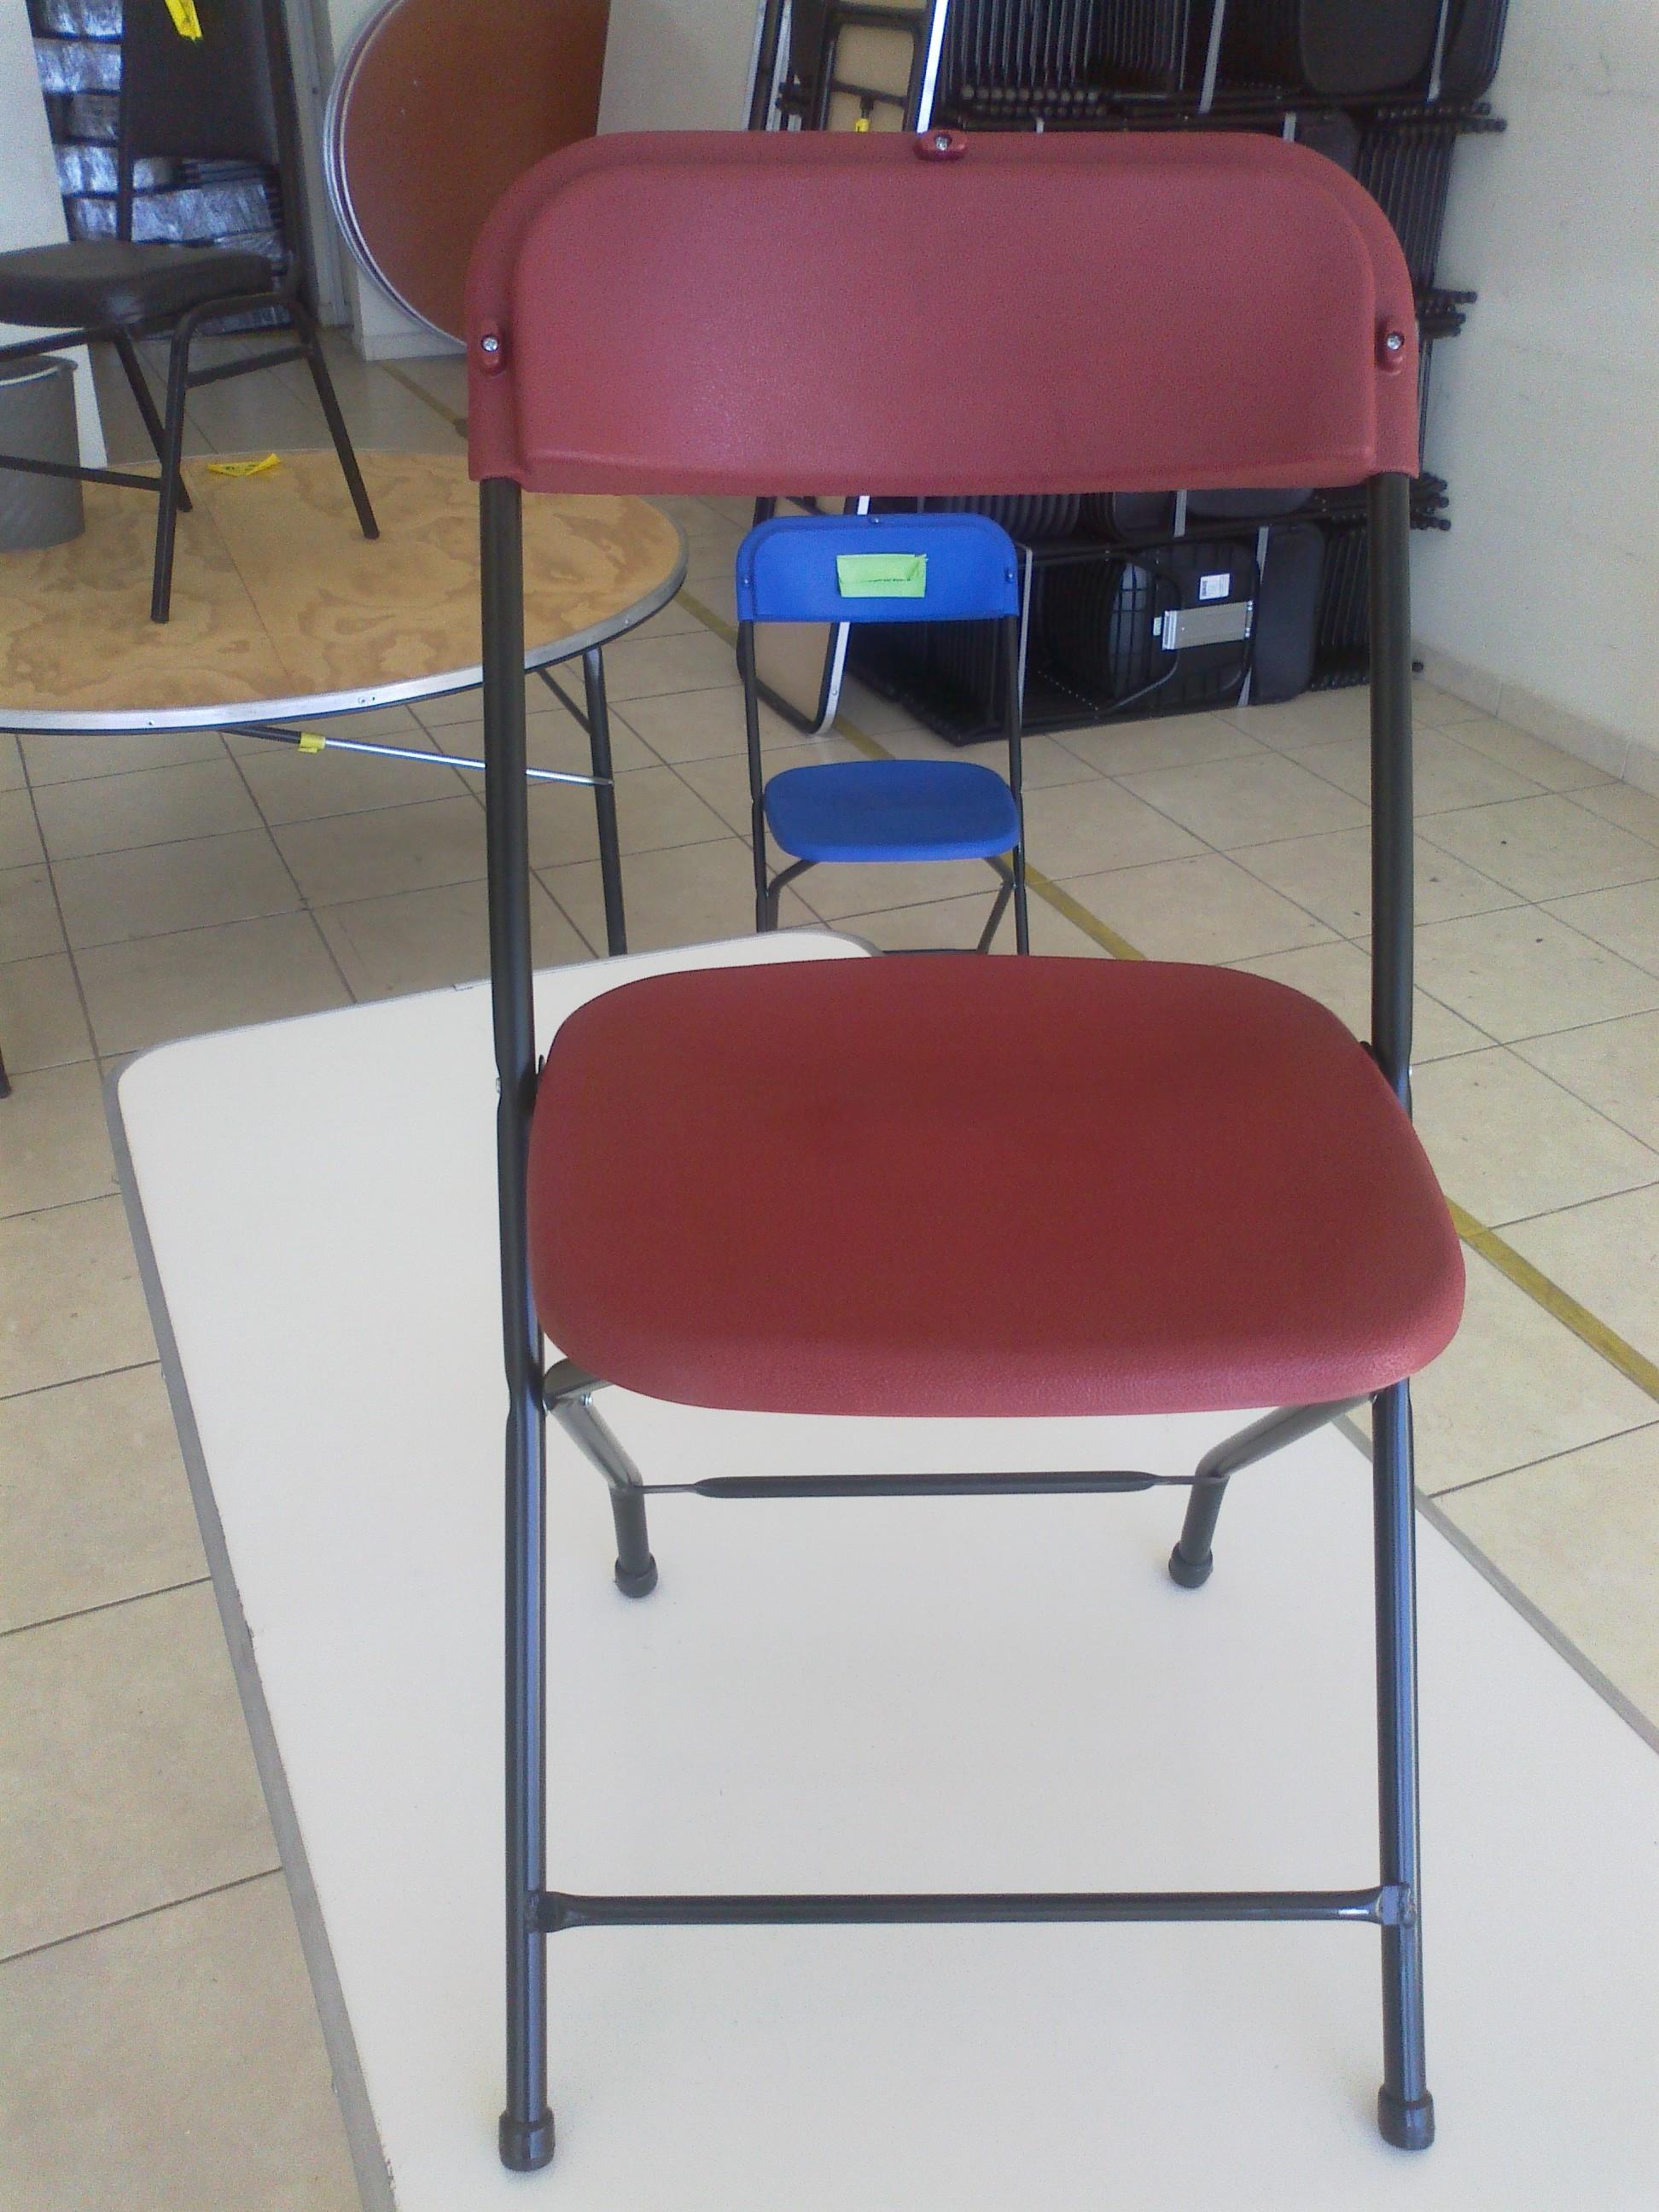 Venta de mobiliario para eventos sociales sillas y mesas for Precio de sillas plegables